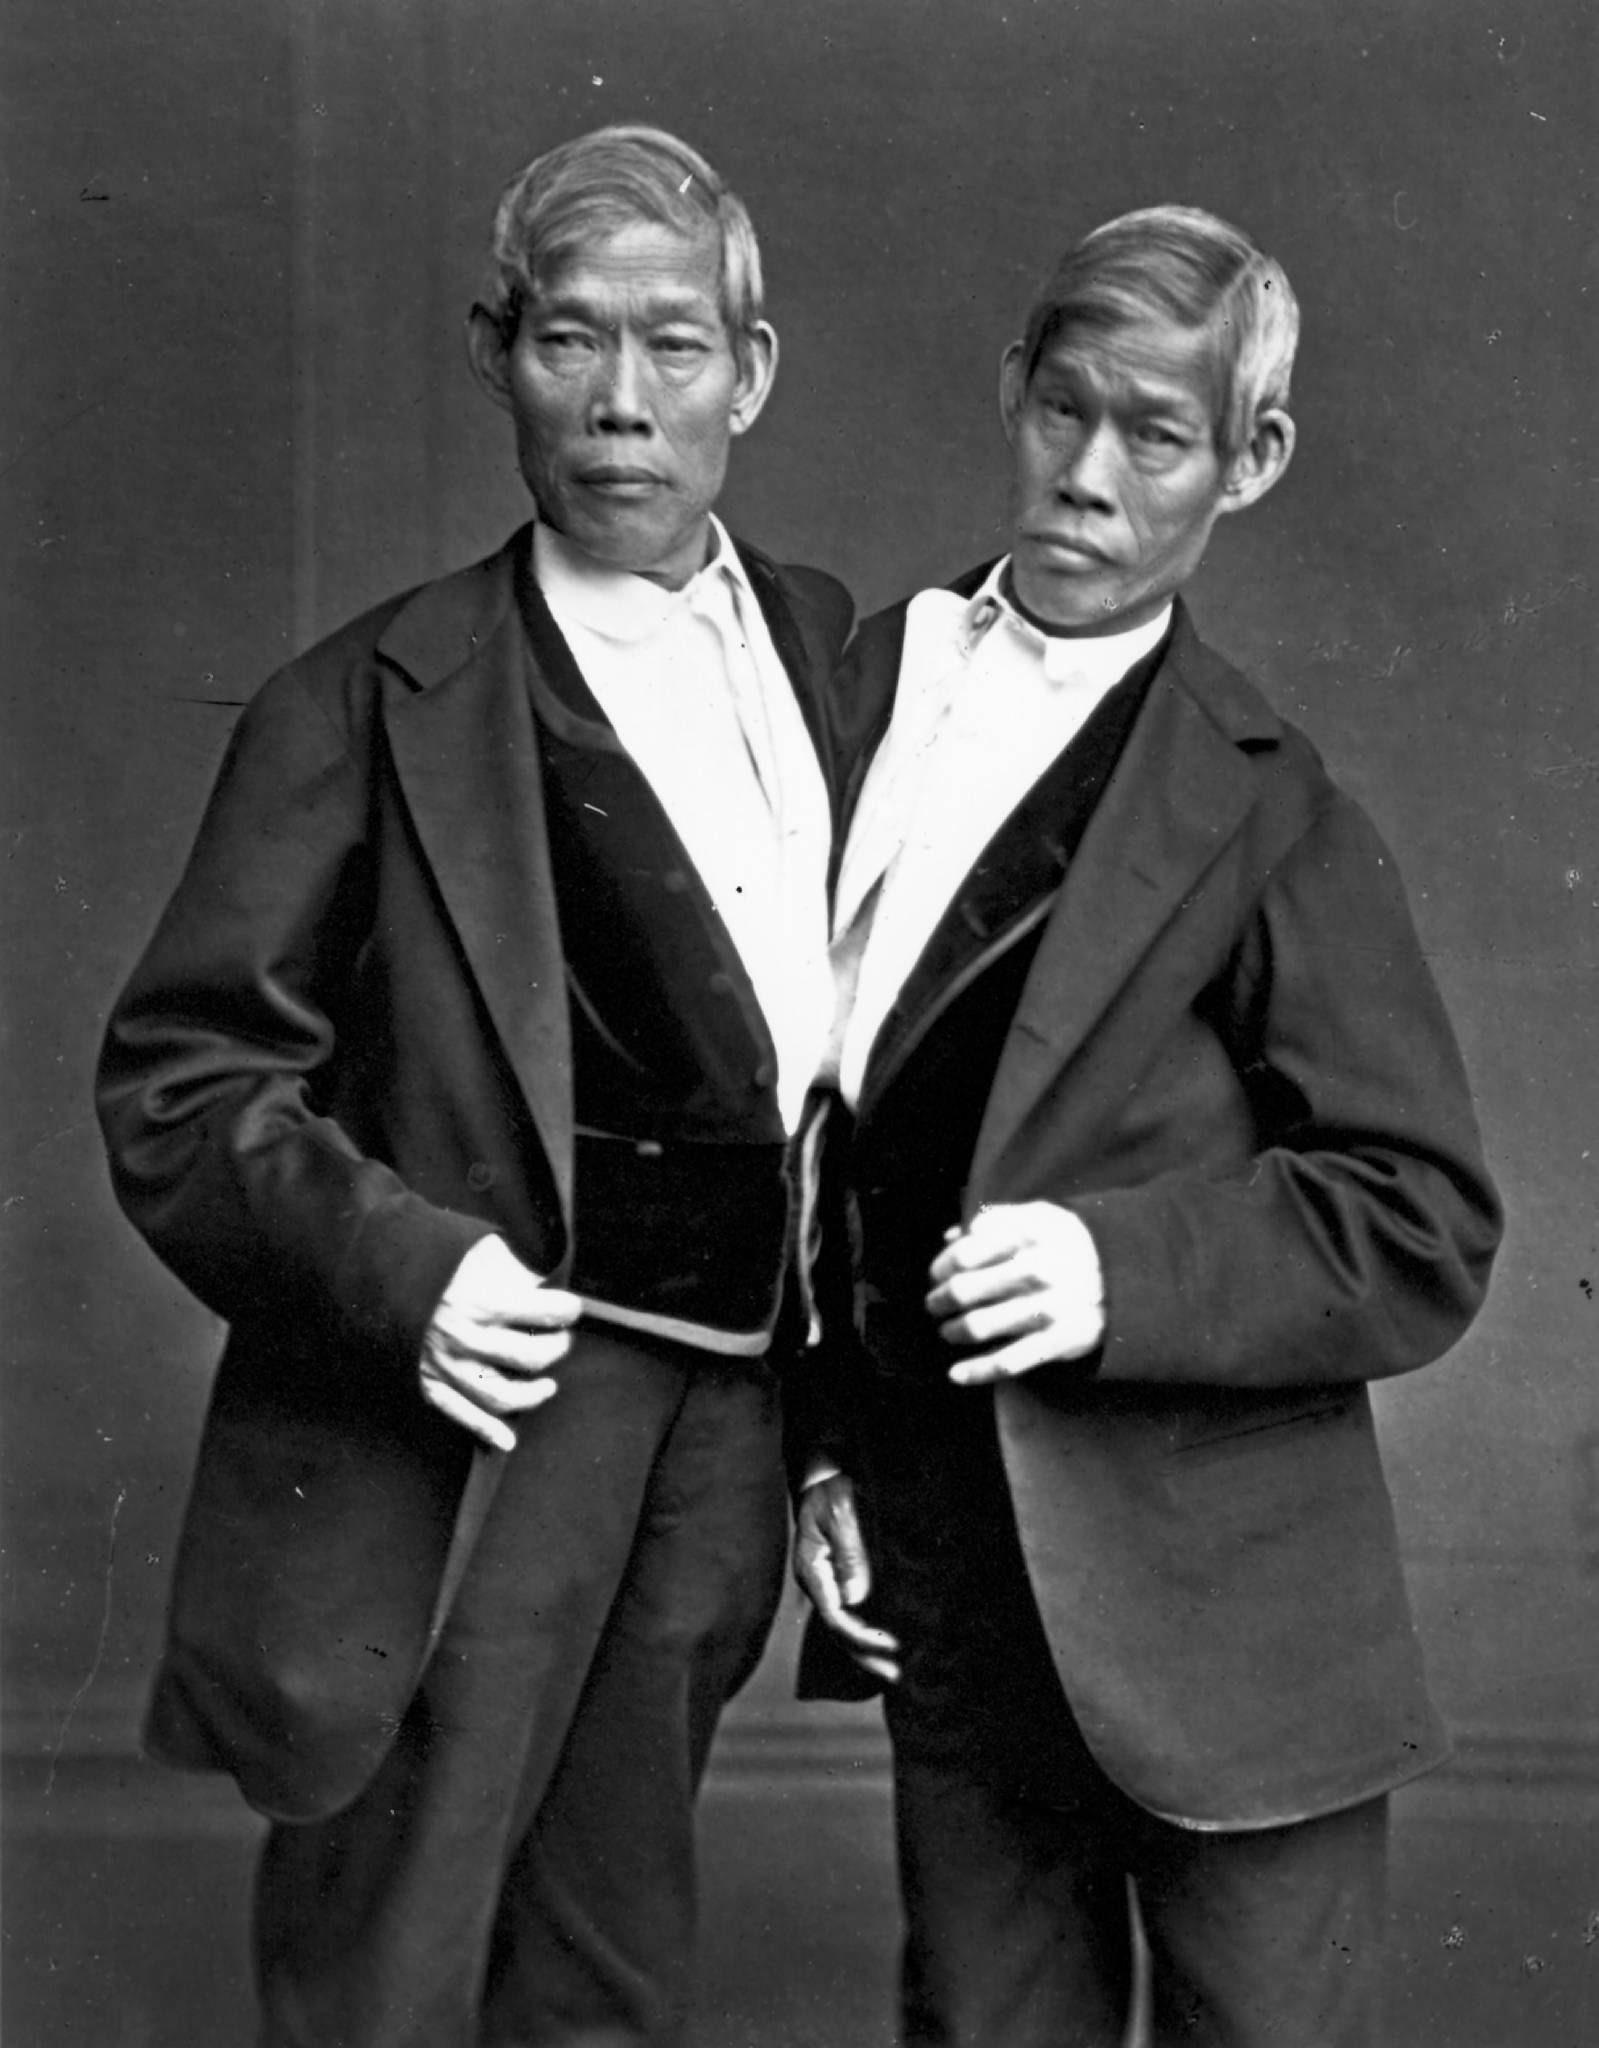 Bracia bliźniacy spotykają się ze sobą